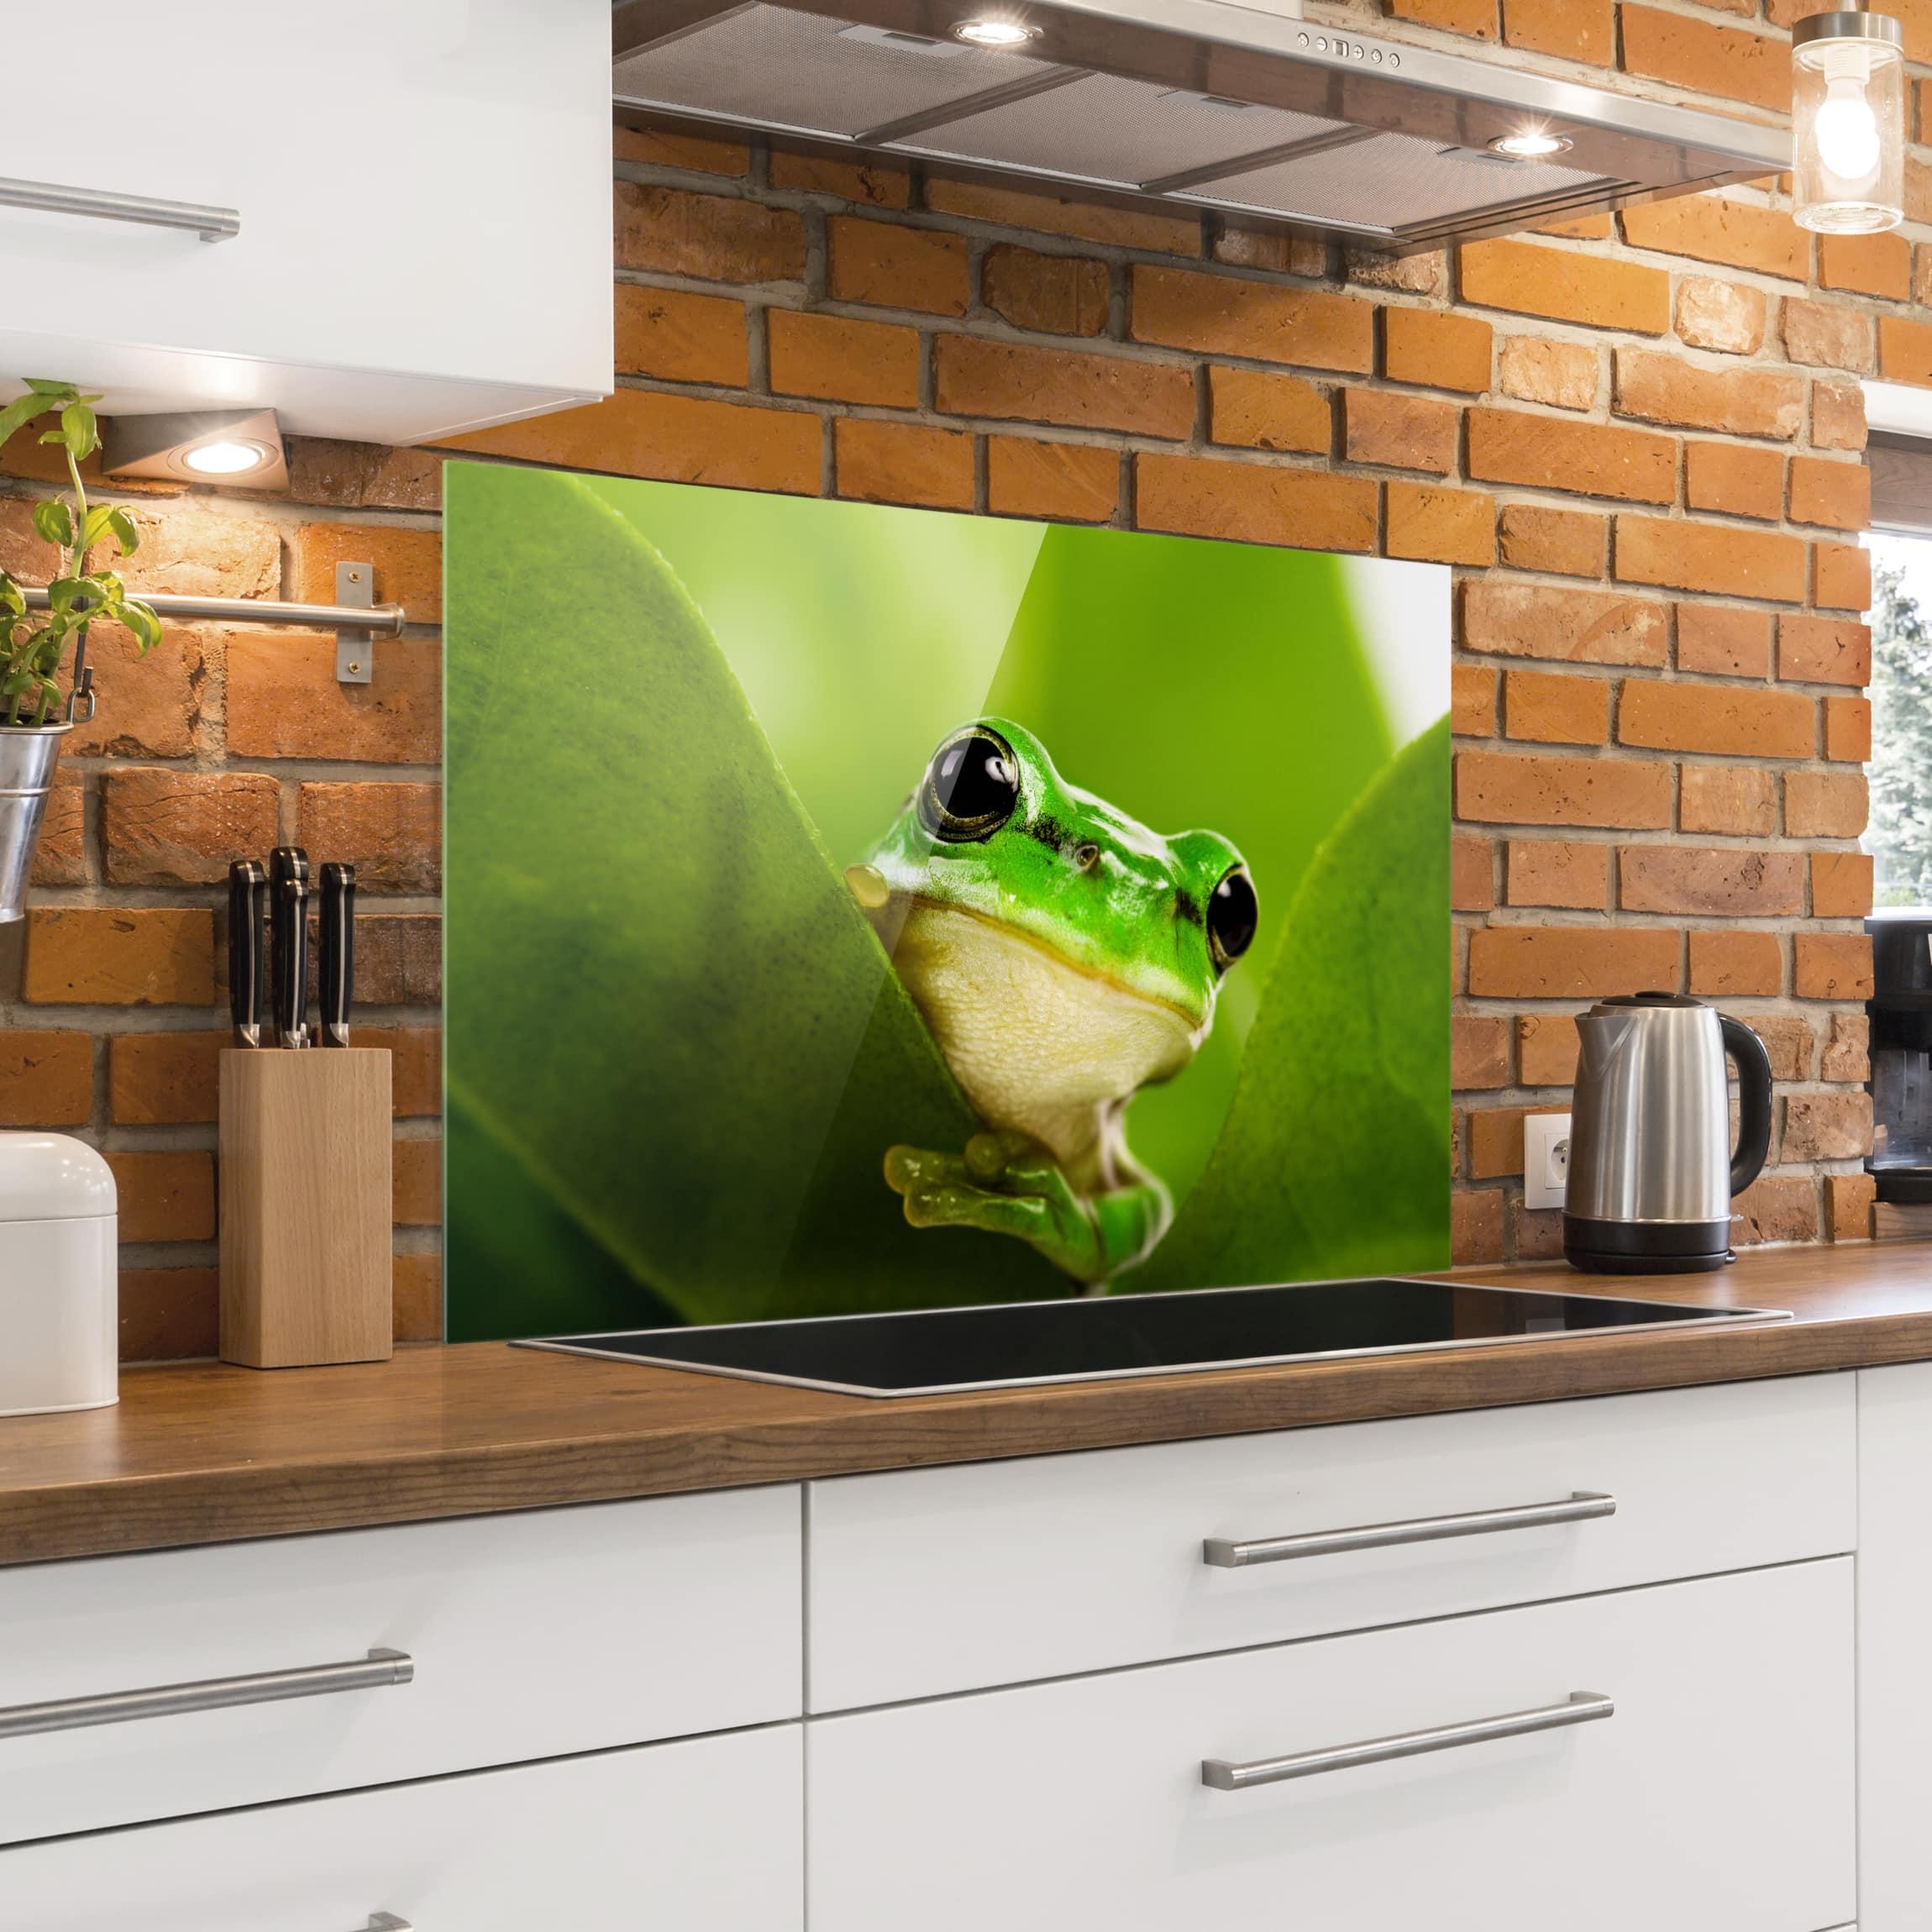 spritzschutz glas wetterfrosch quer 2 3. Black Bedroom Furniture Sets. Home Design Ideas